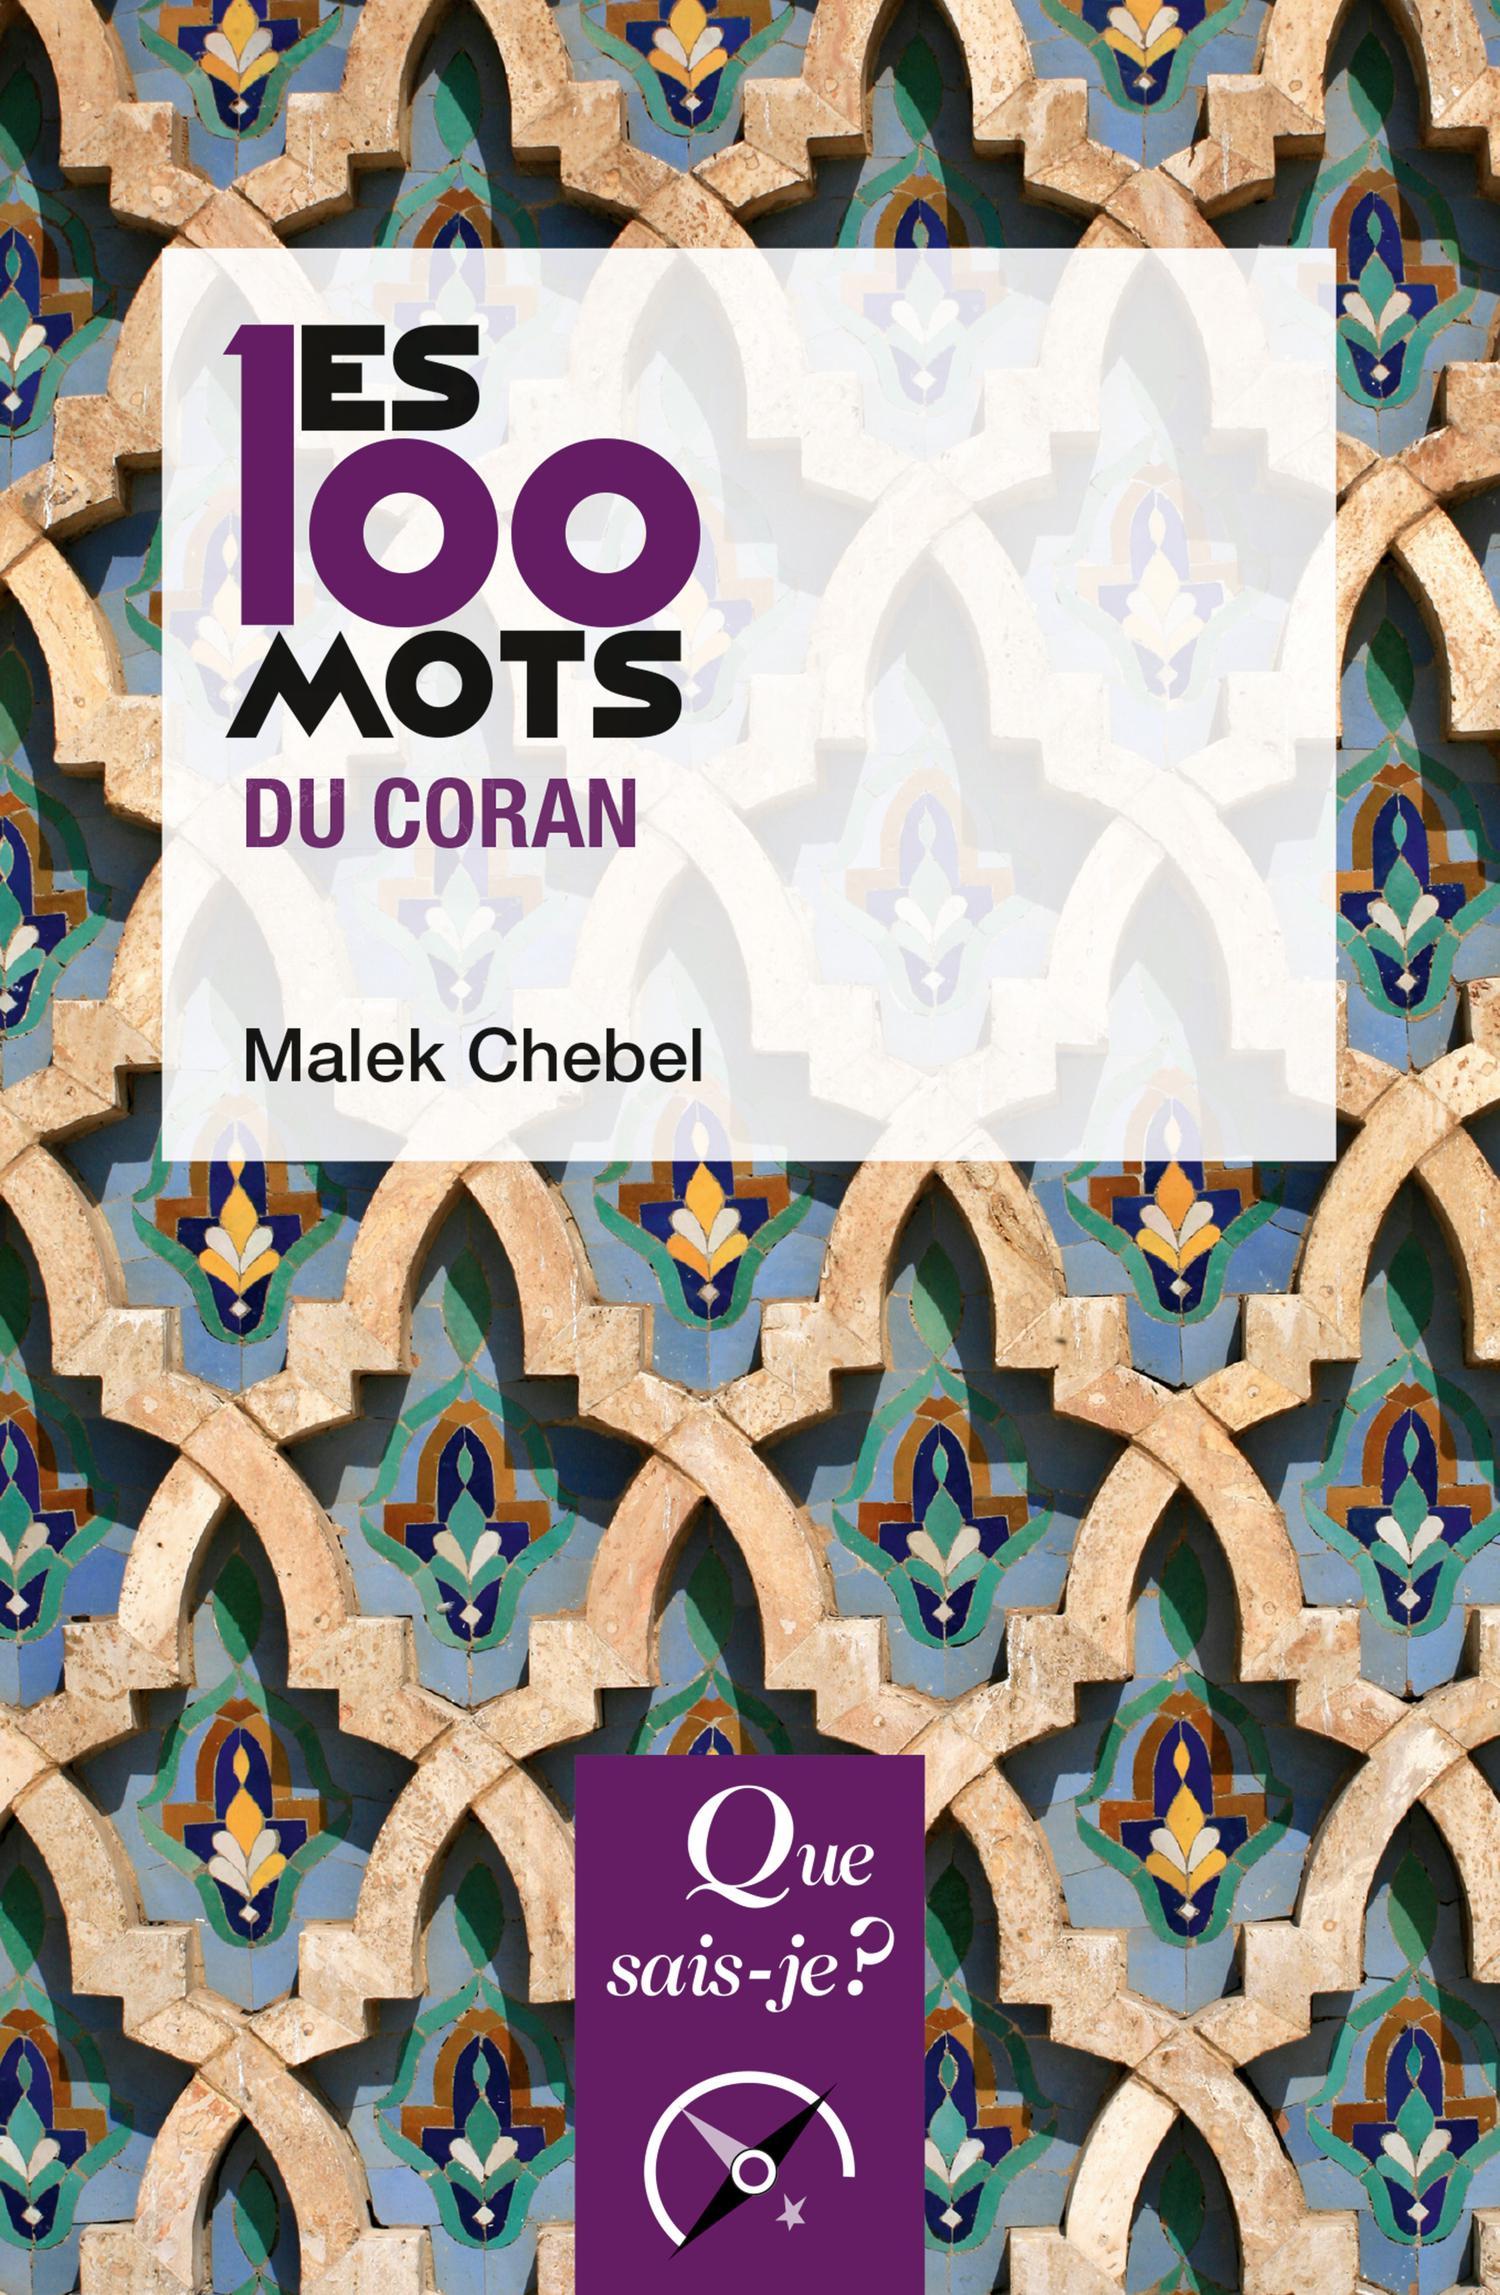 Les 100 Mots Du Coran | Cairn serapportantà Prohibé Mots Fléchés